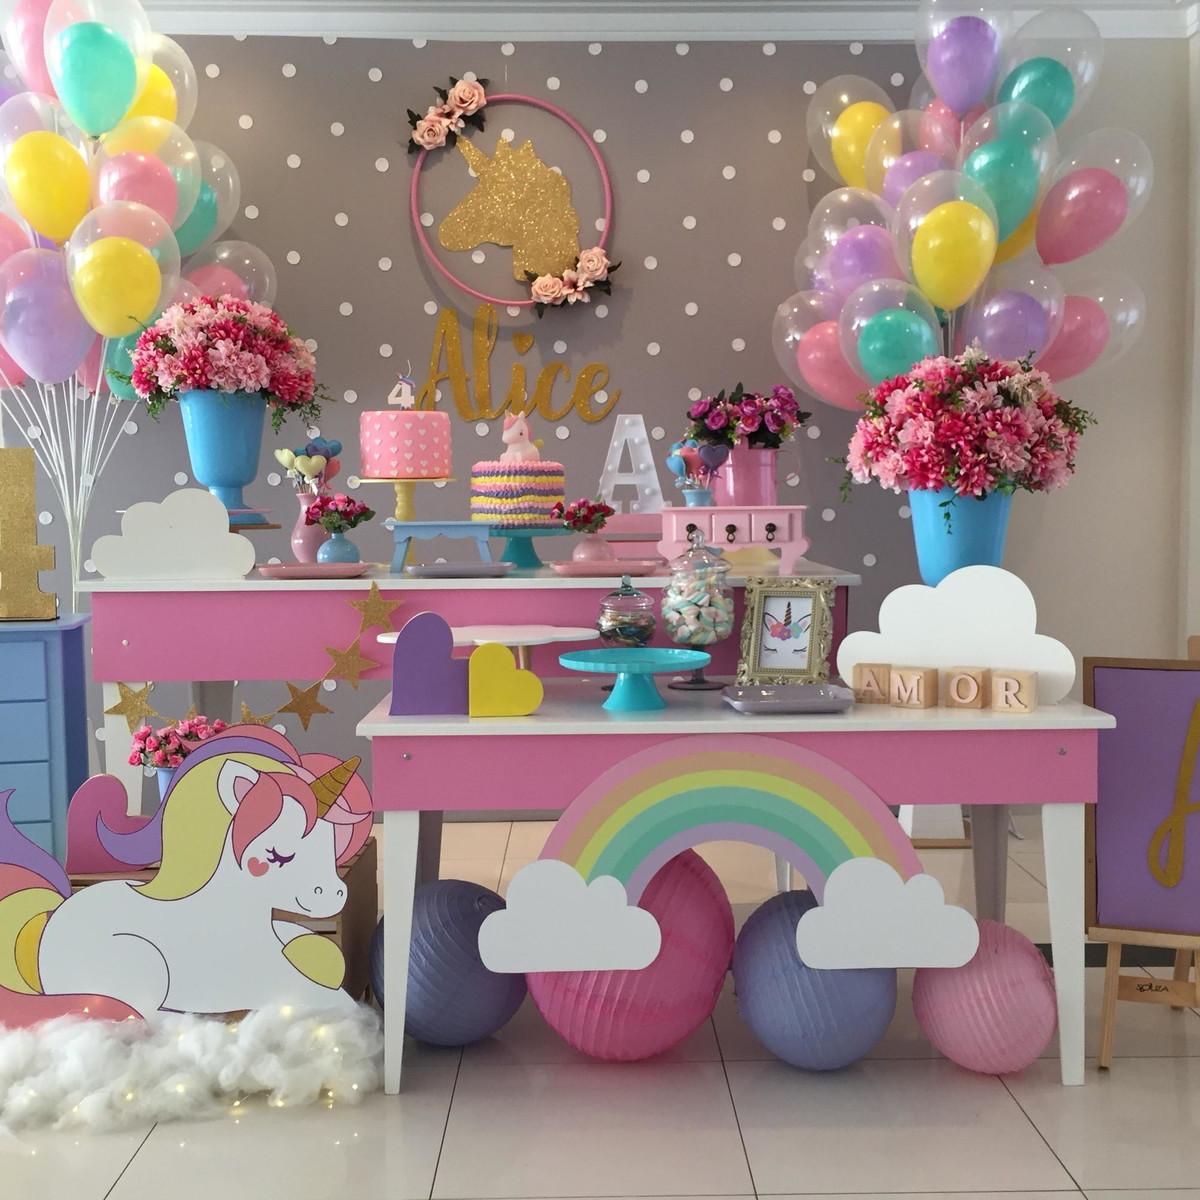 Decoraç u00e3o unicórnio Aluguel no Elo7 Cachola Cacheada (BFABB1) -> Aluguel Decoração Festa Infantil Unicornio